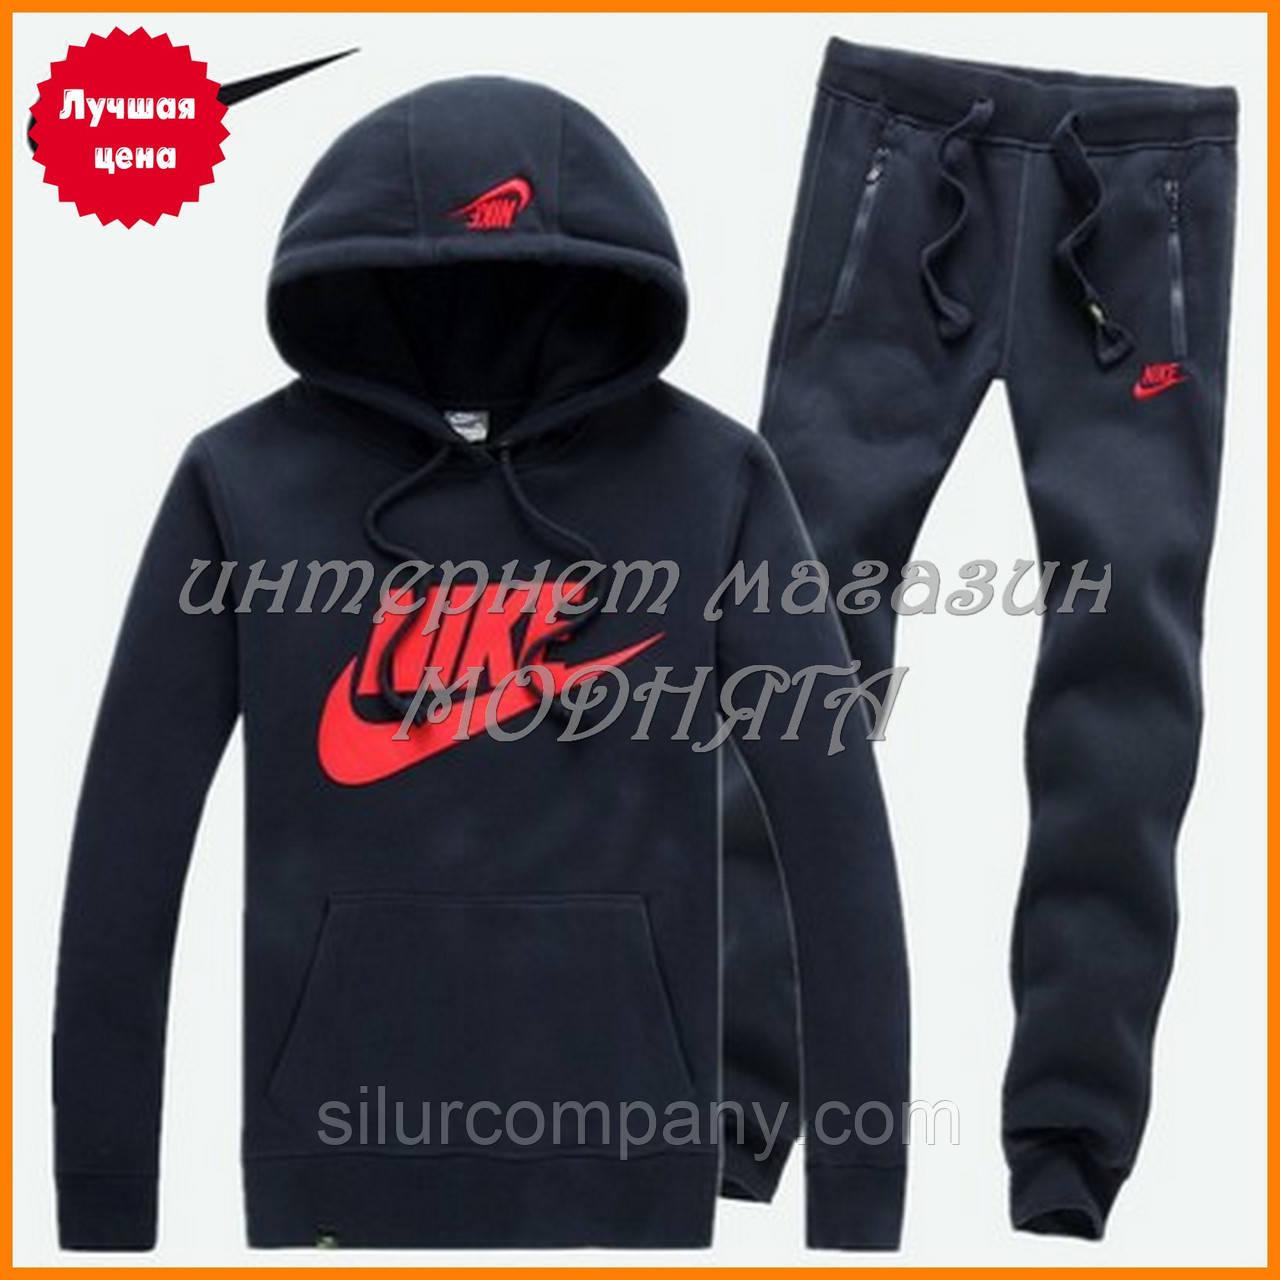 Подростковый спортивный костюм Nike недорого - Интернет магазин